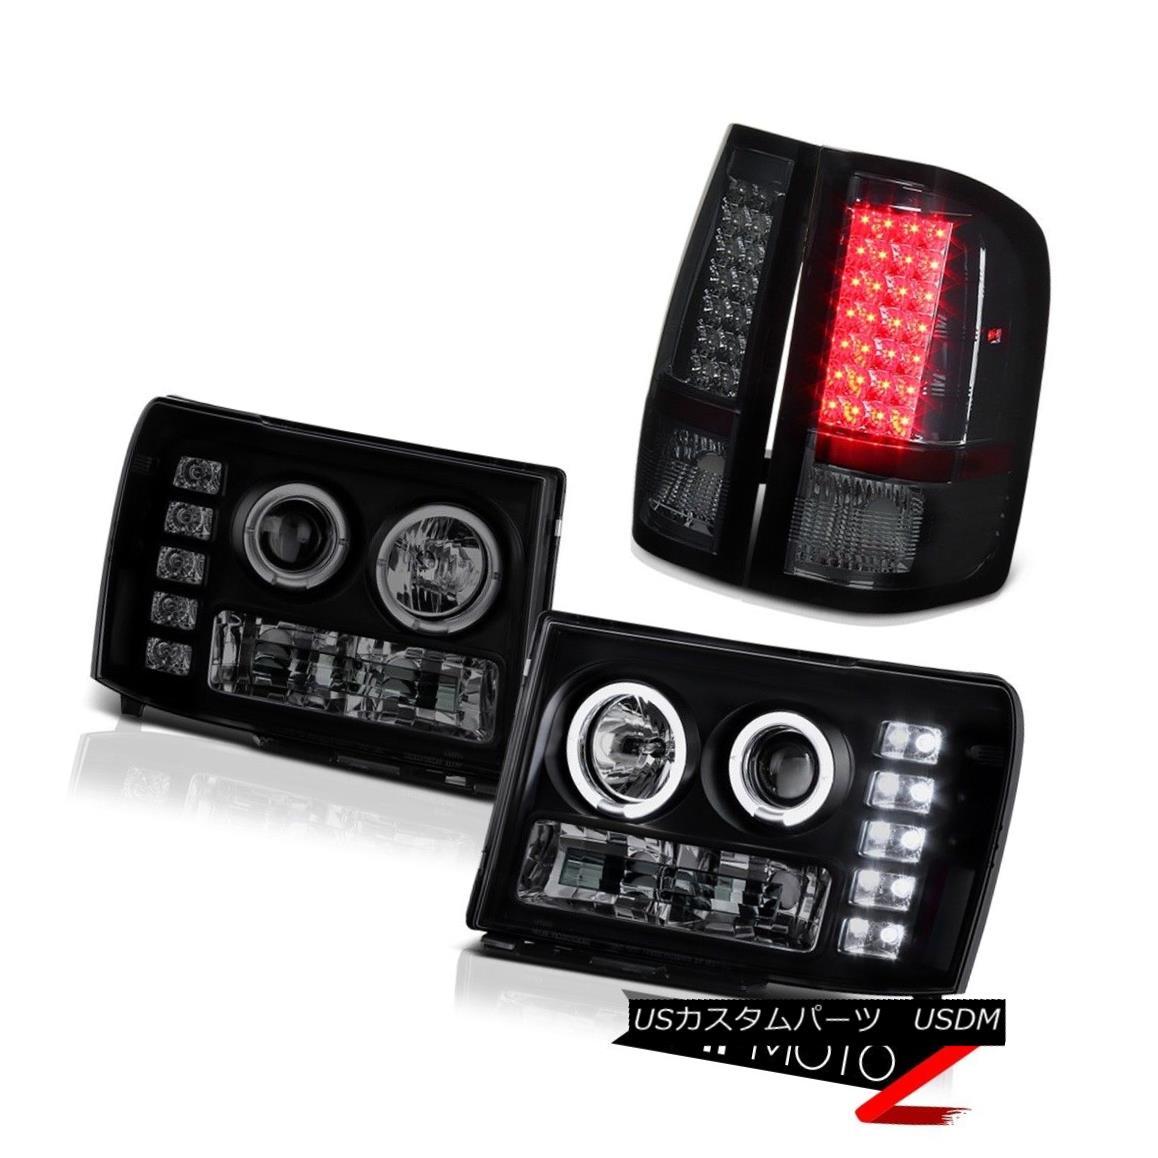 テールライト 08-14 GMC Sierra 3500 WT Darkest Black Halo LED Headlight Signal Brake Tail Lamp 08-14 GMC Sierra 3500 WT最暗ブラックハローLEDヘッドライト信号ブレーキテールランプ